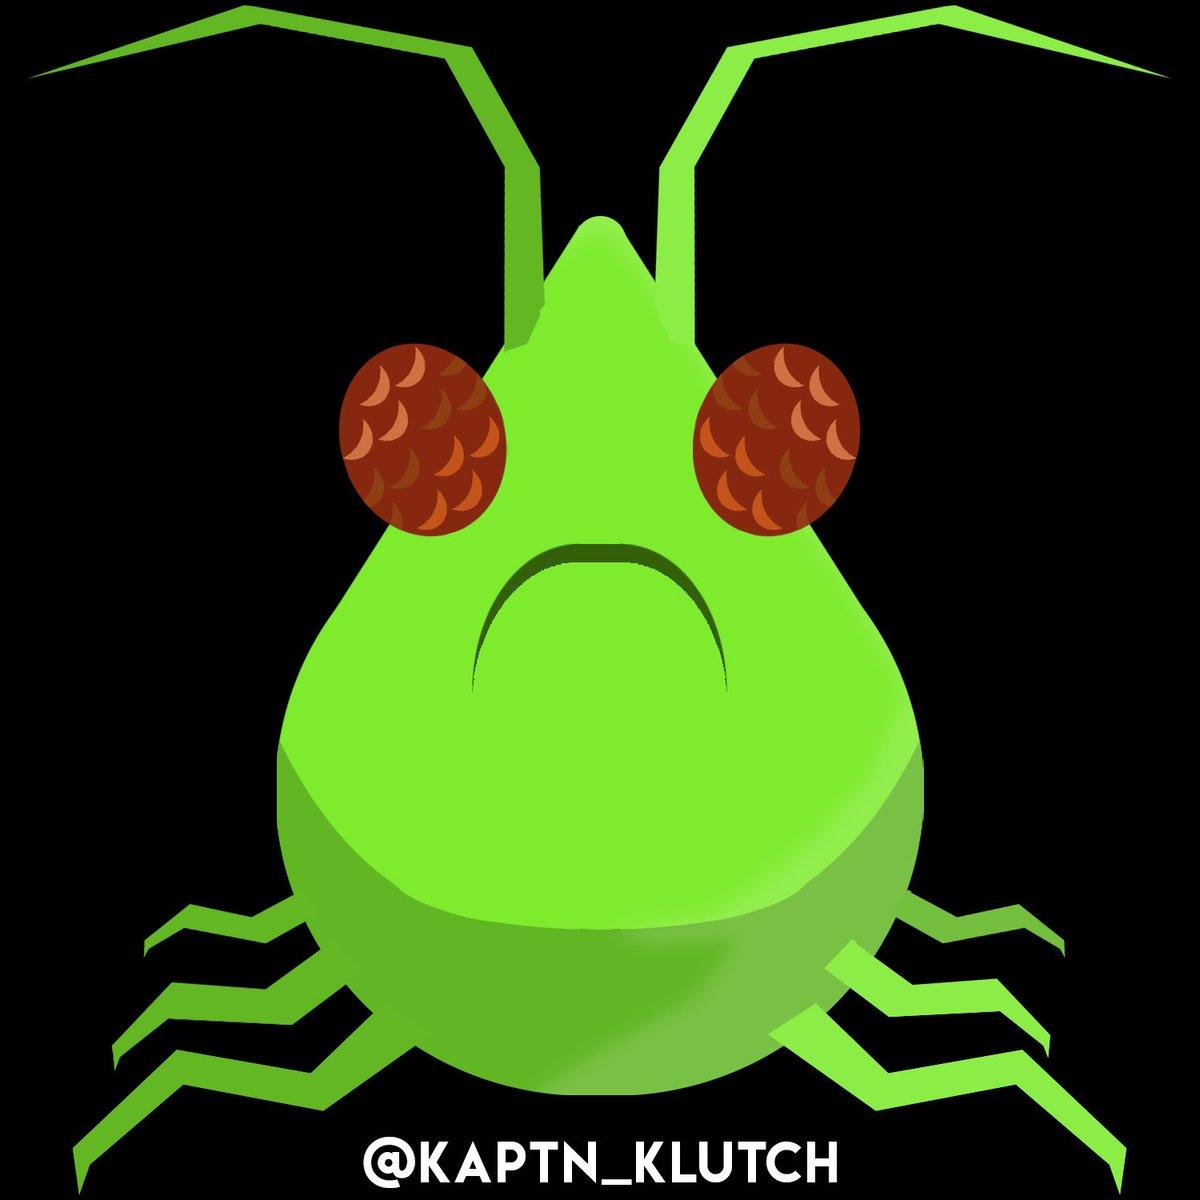 @Kaptn_Klutch